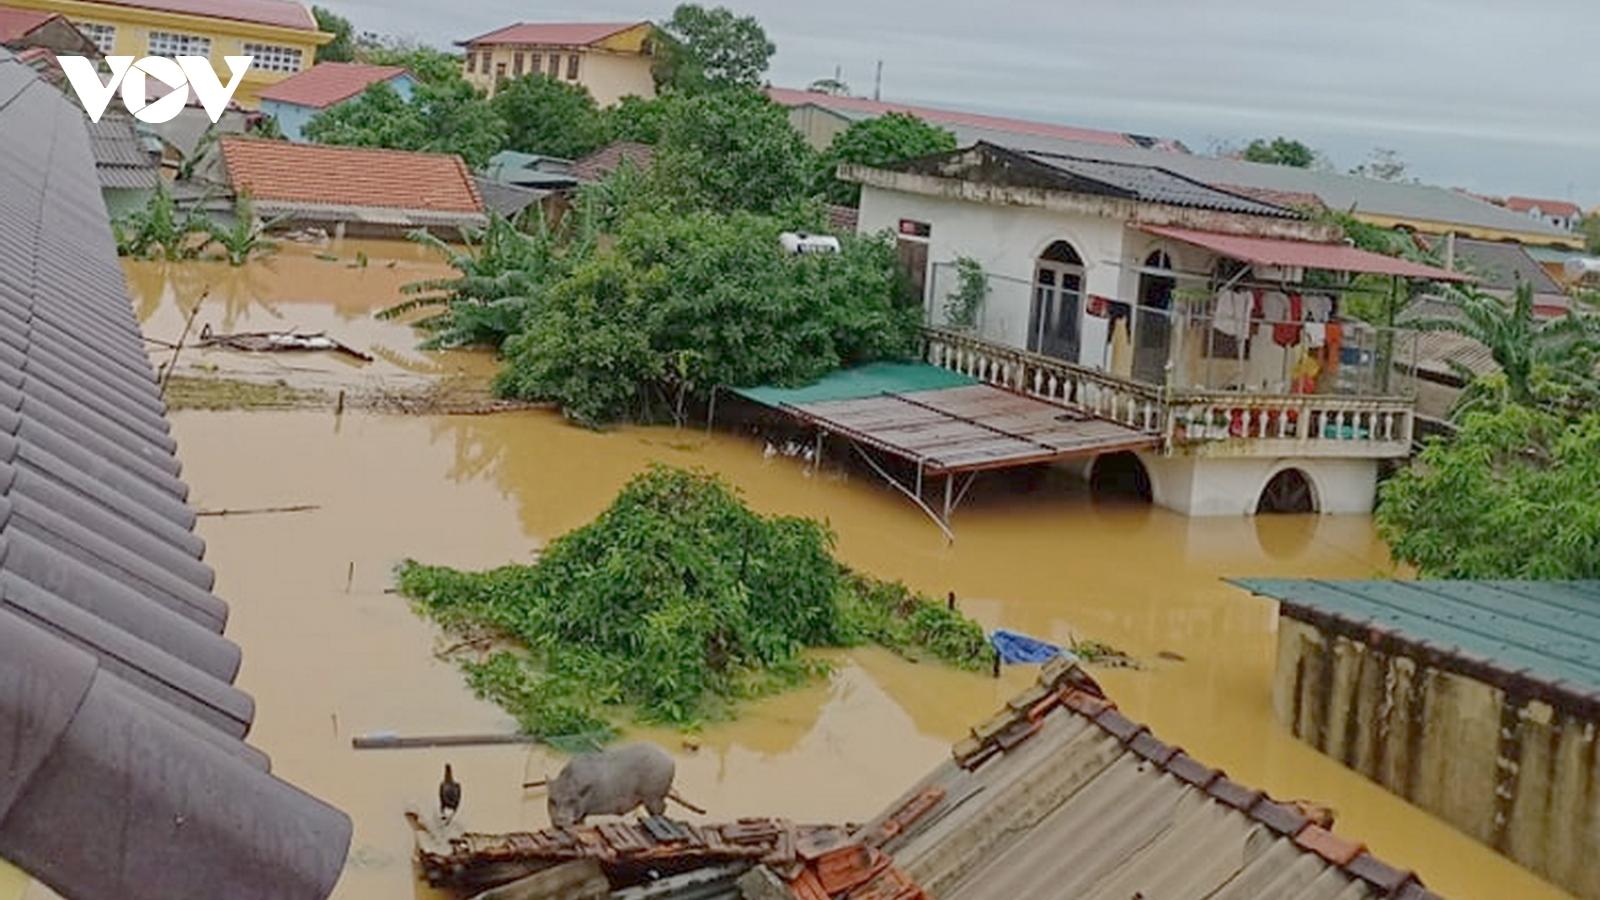 Khẩn trương sơ tán dân khỏi vùng nguy hiểm và chuyển hàng cứu trợ đến vùng lũ miền Trung